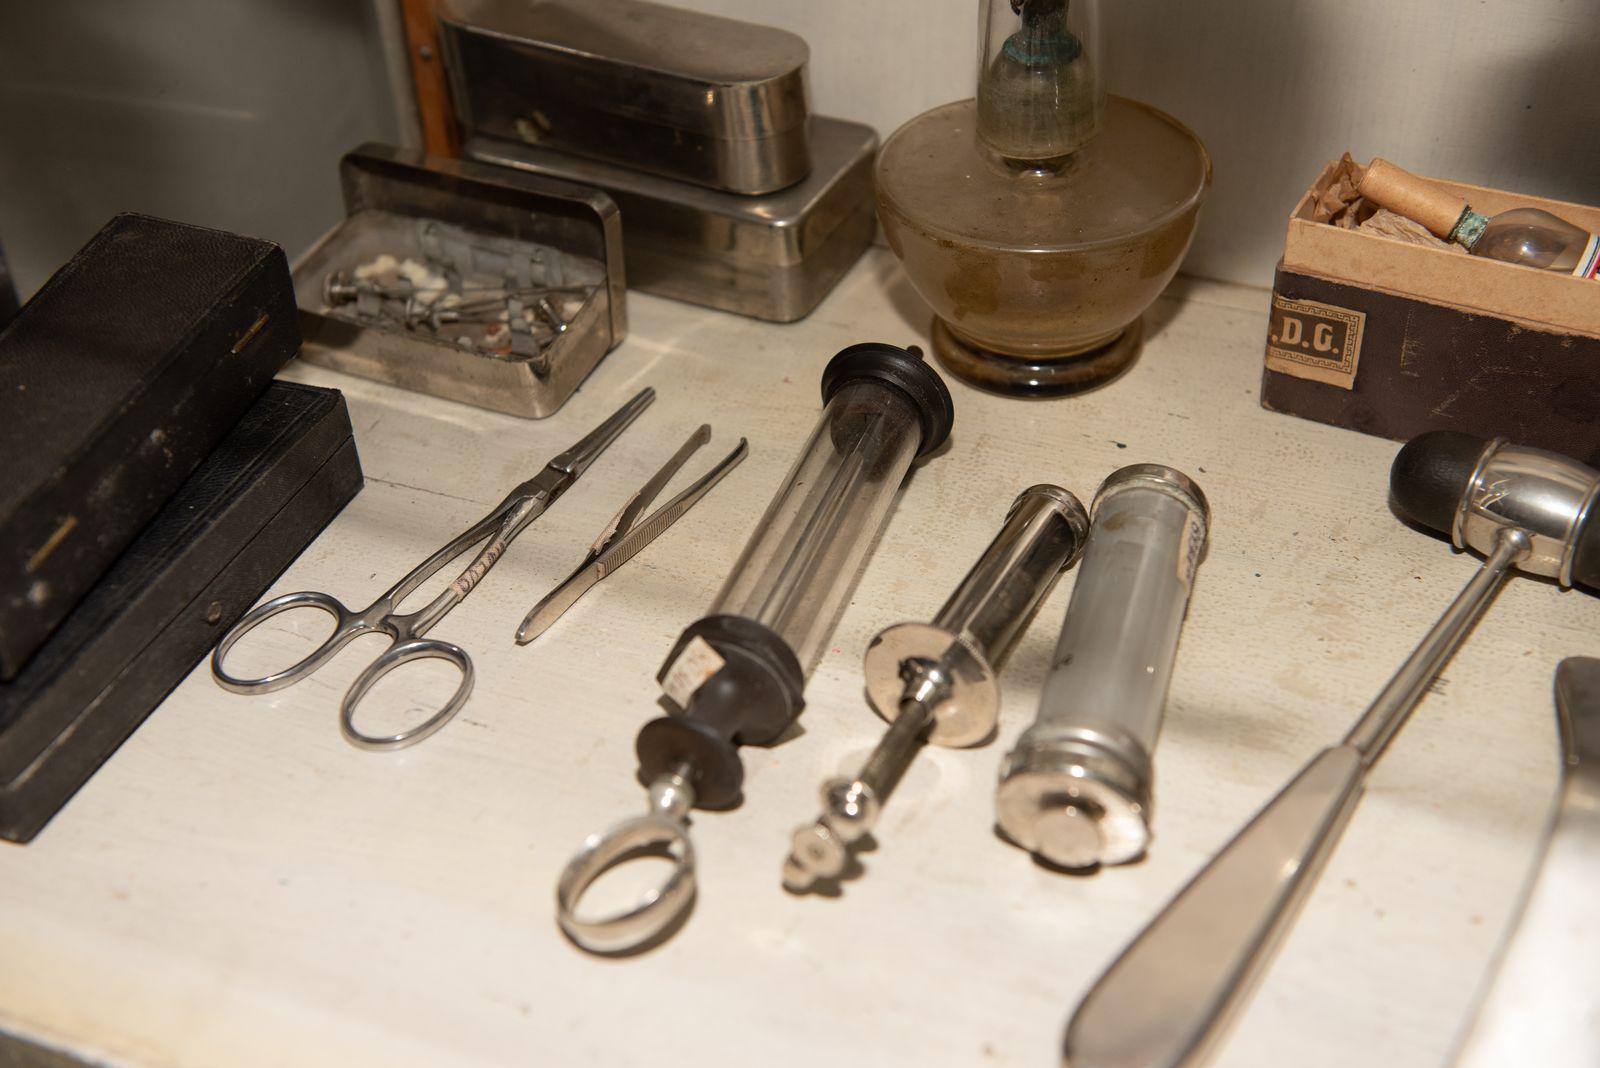 Muzei209_Петри с ампули, спринцовки, иглички от първата половина на 20-ти век